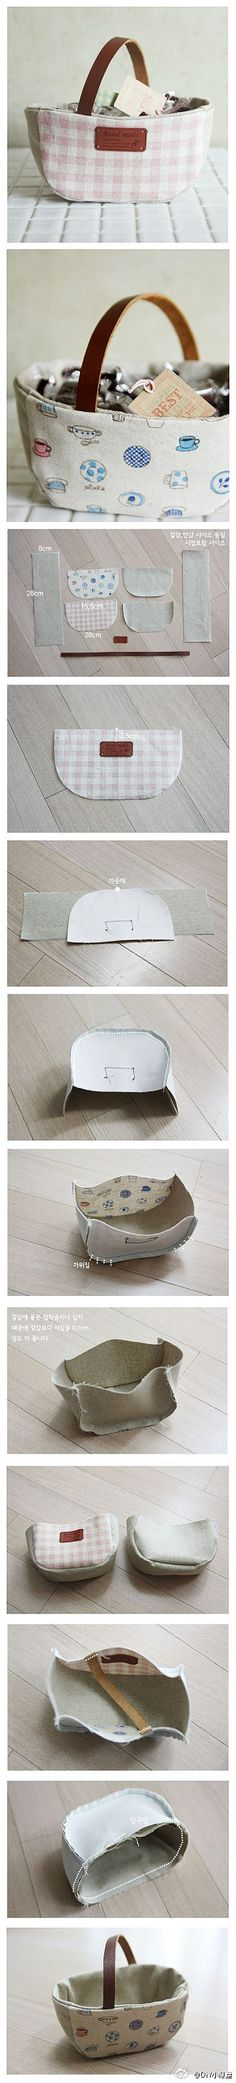 布艺 创意 韩国手工达人作品-糖果篮教程